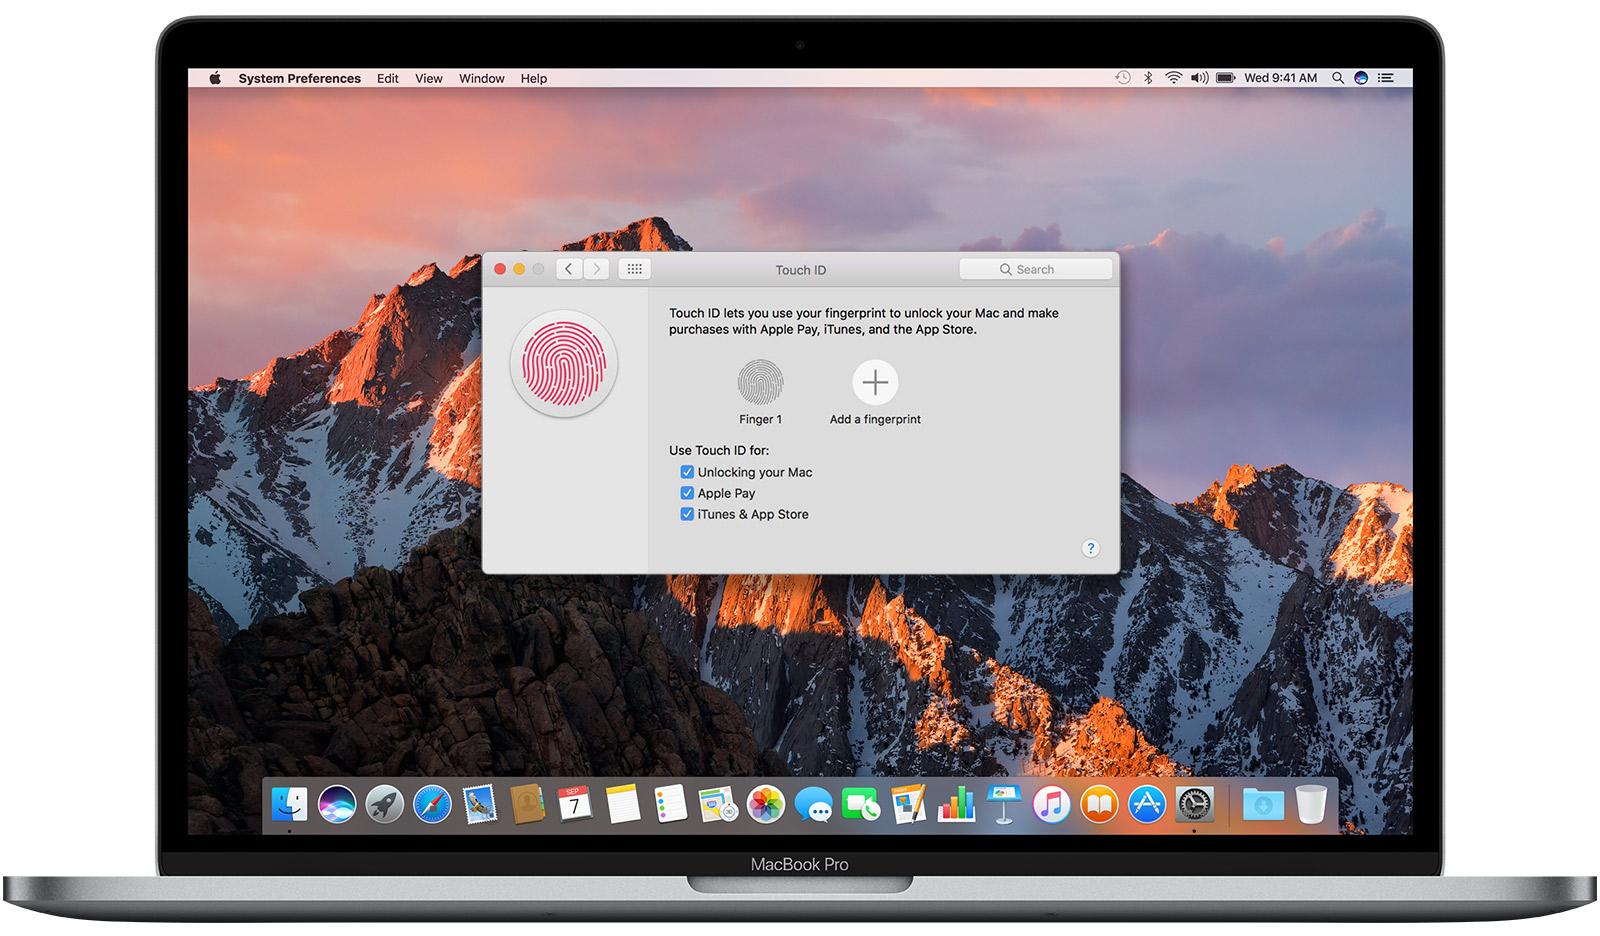 MacOS Sierra Preferencias del sistema Touch ID Captura de pantalla de Mac 001